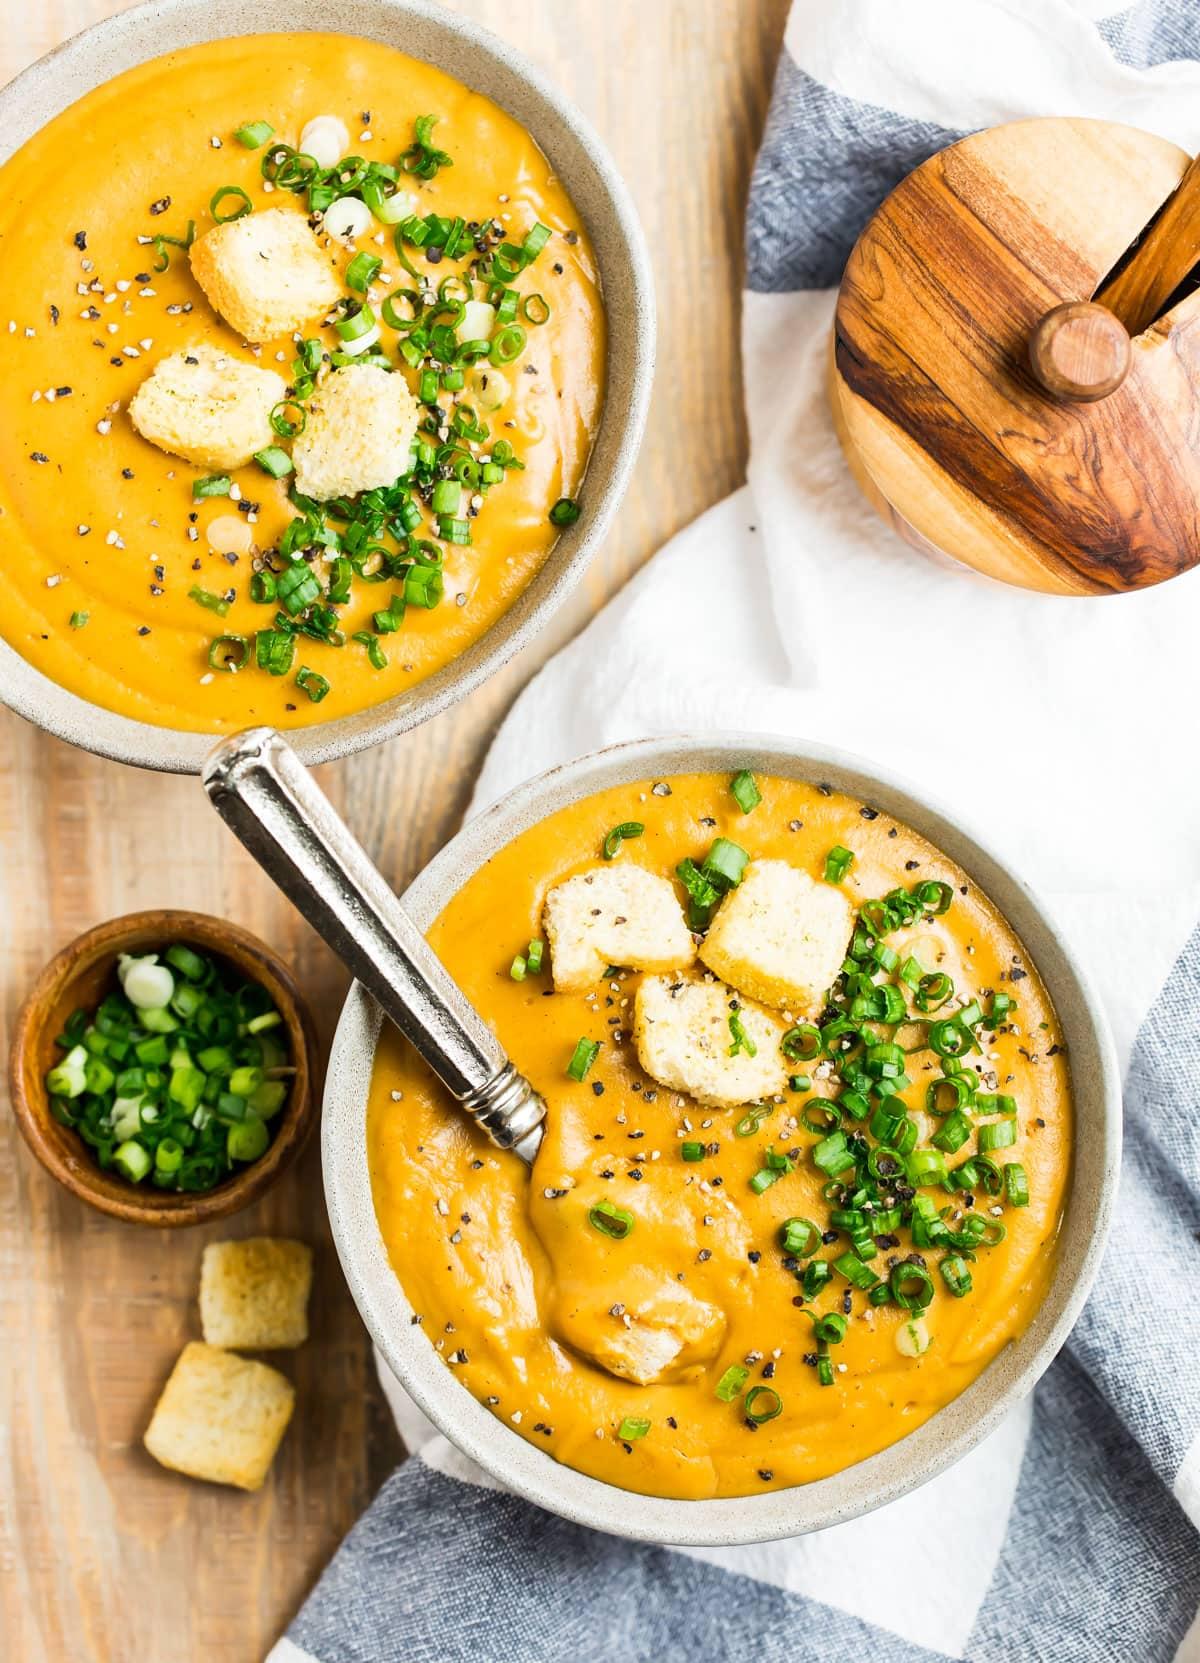 Two bowls of vegan potato soup